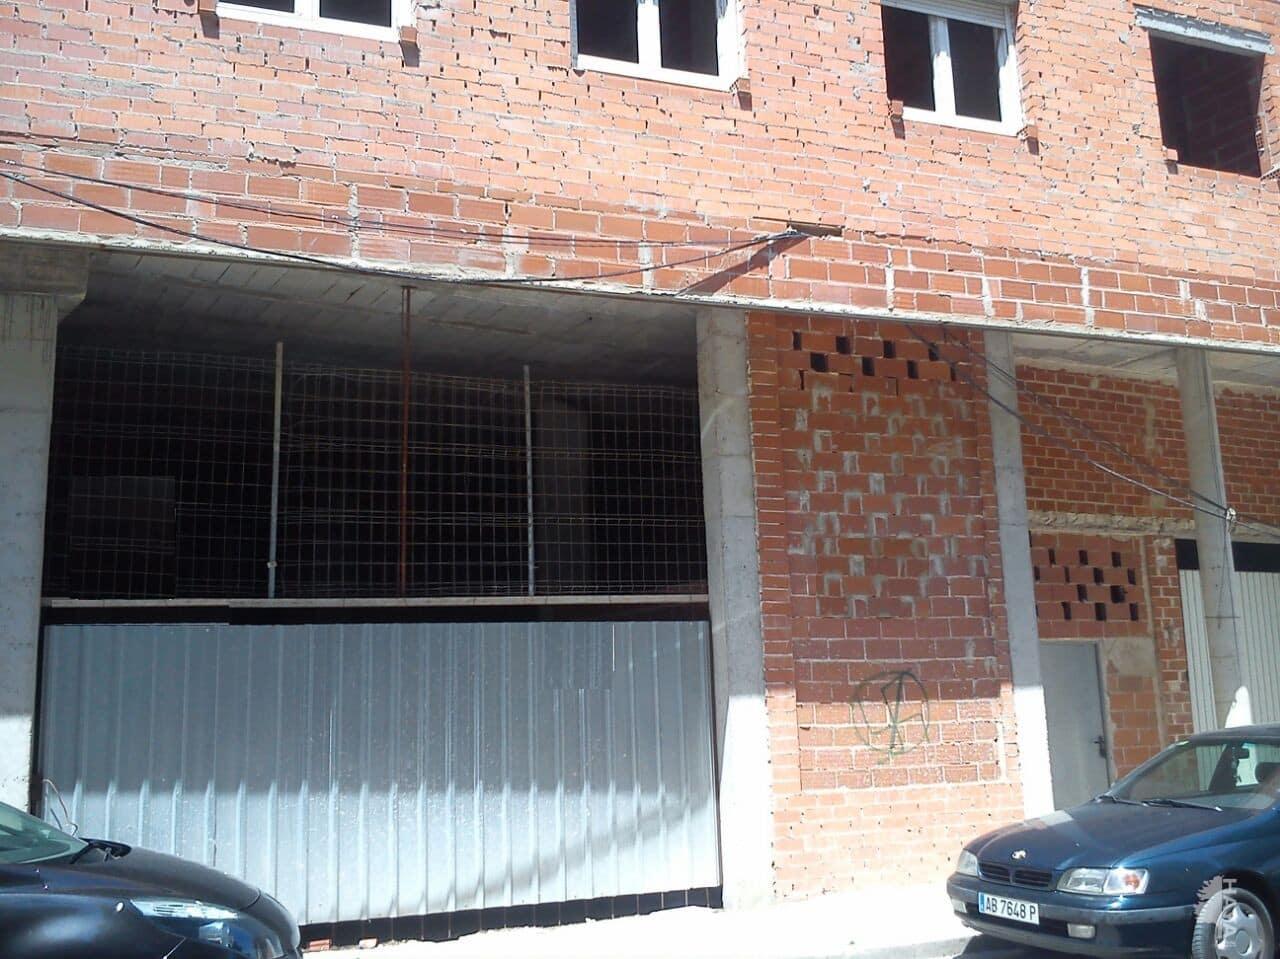 Piso en venta en La Roda, Albacete, Plaza Juan Garcia Glz, 54.800 €, 1 habitación, 1 baño, 135 m2